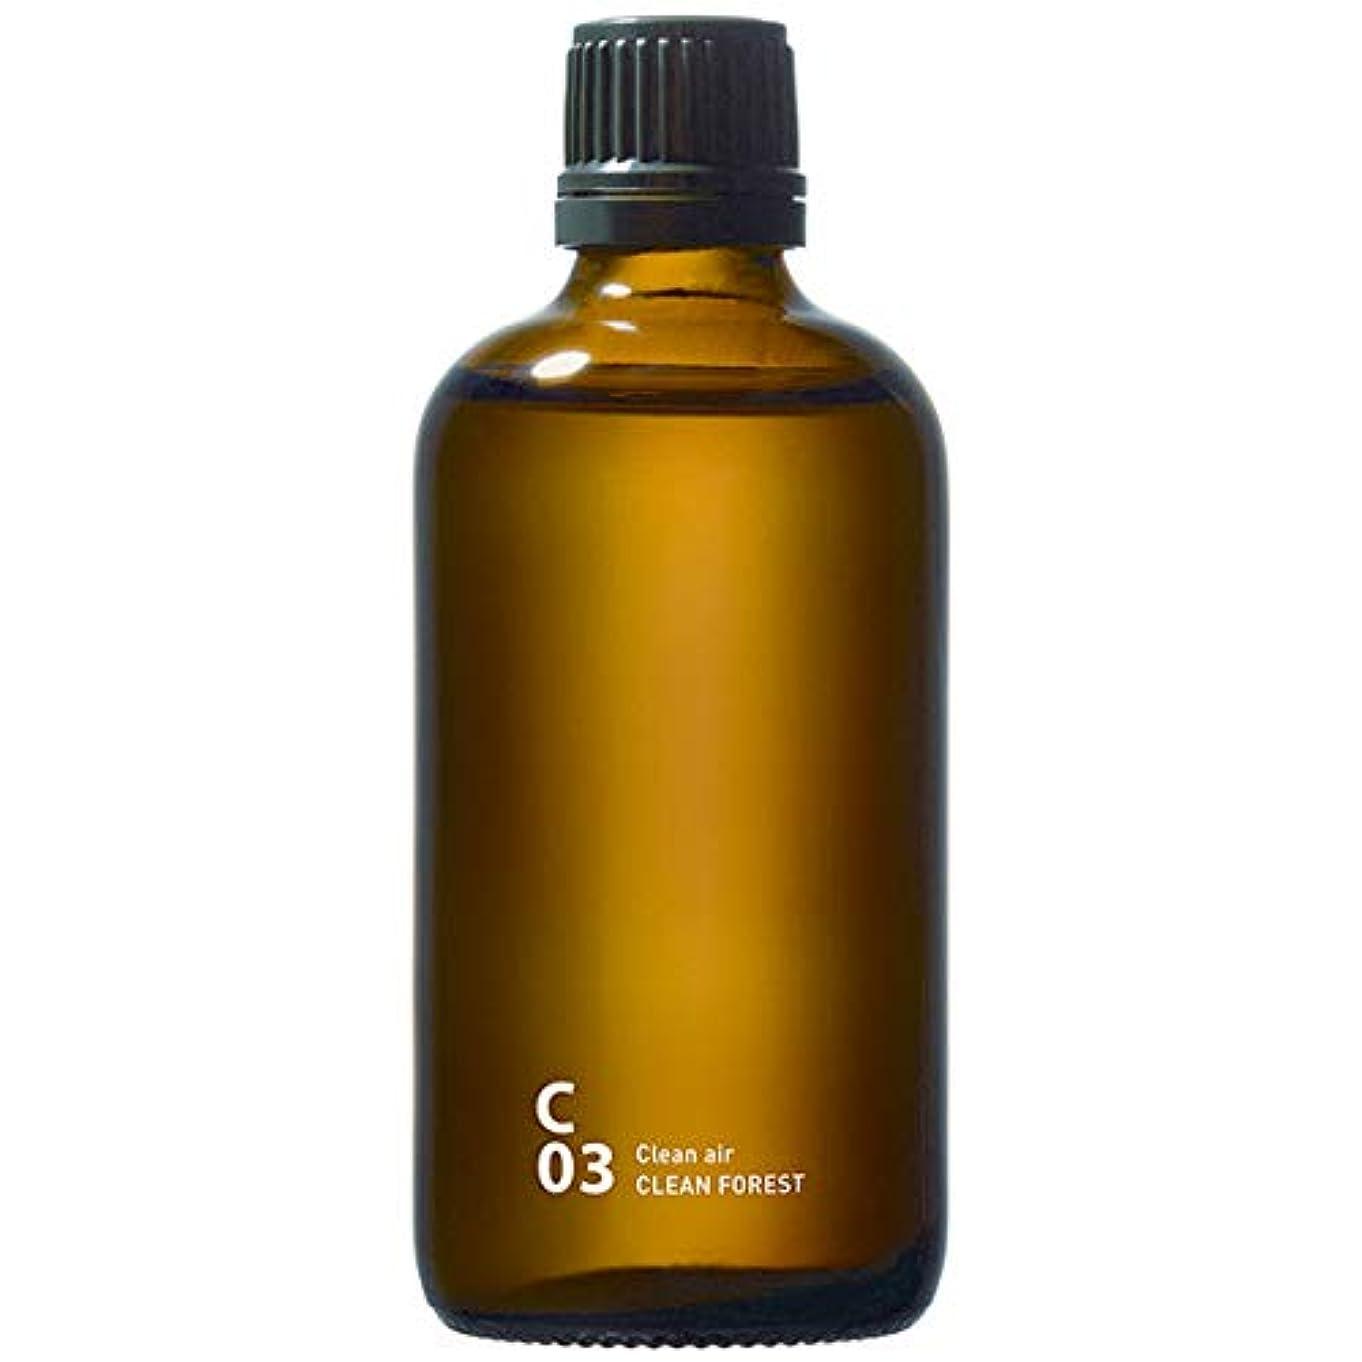 ドラゴン圧縮矛盾するC03 CLEAN FOREST piezo aroma oil 100ml